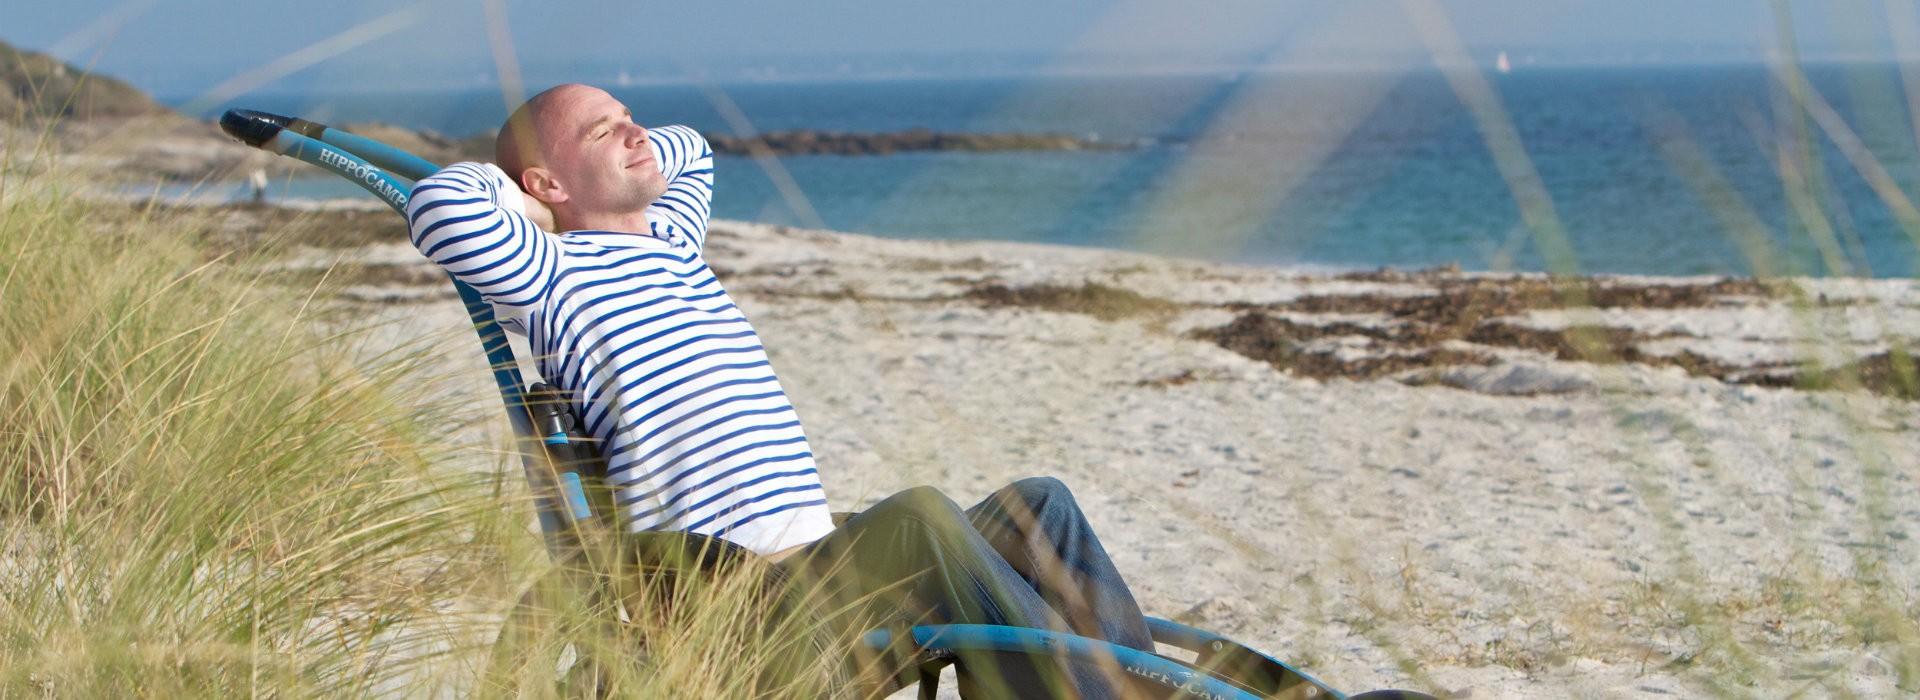 Vacances accessibles en Presqu'île de Guérande -Diaphane-ell-prod